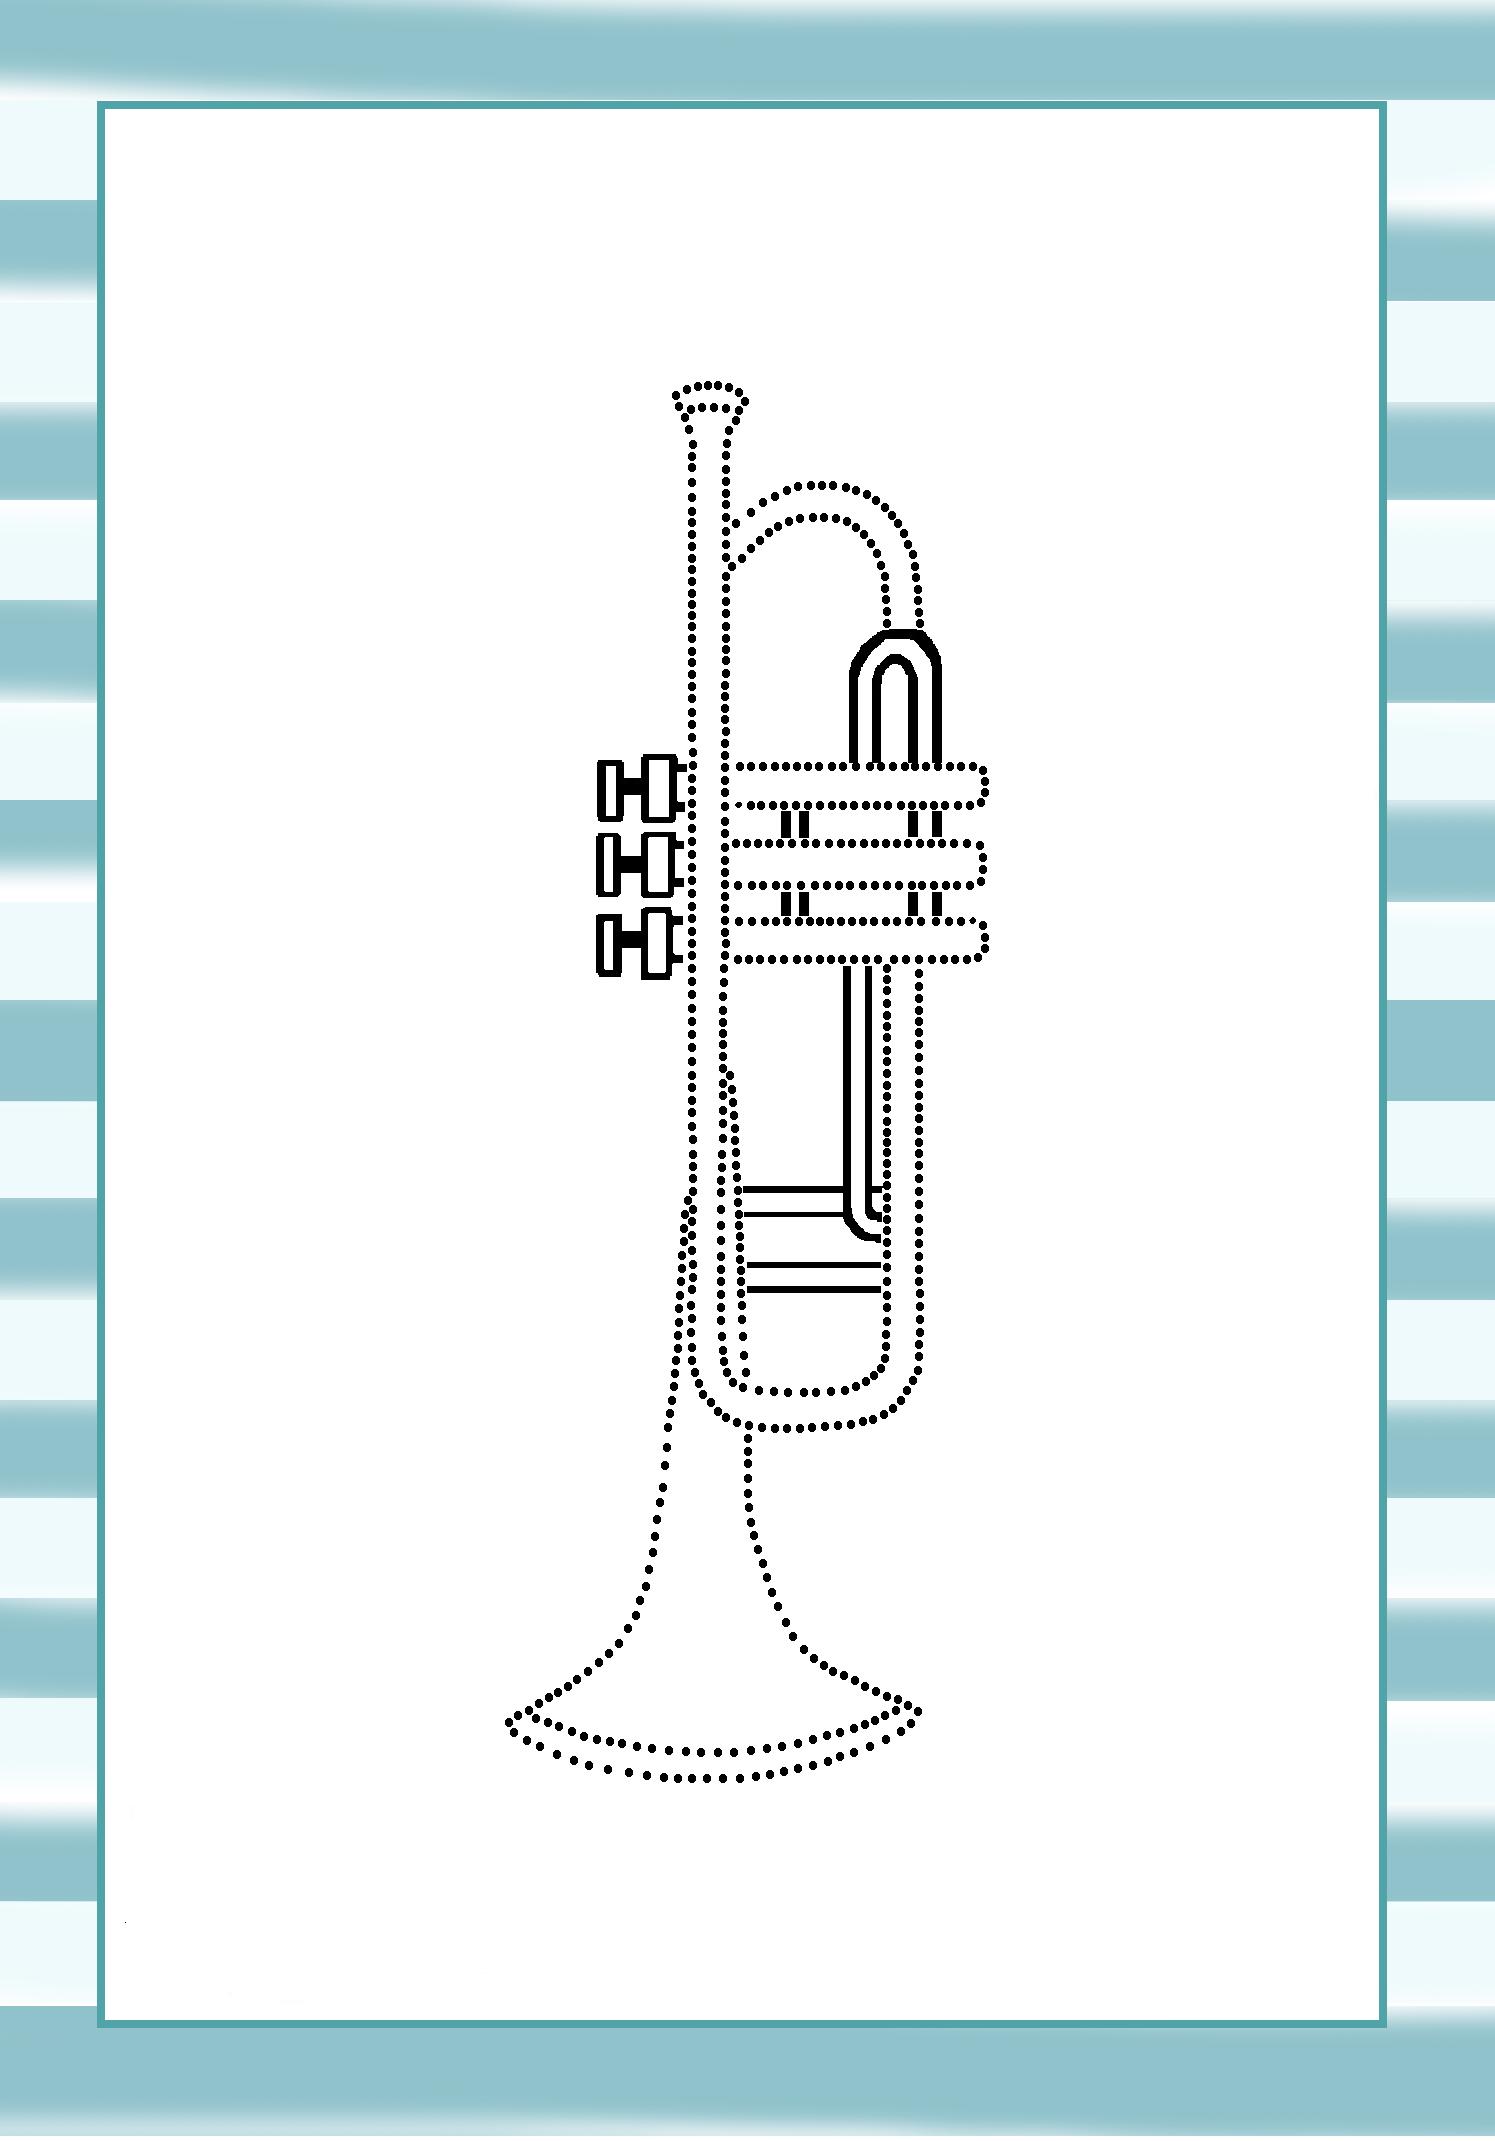 Actividad De Dibujo Para Peques Para Conocer Uno De Los Instrumentos De Viento Metal Mas Sonoros Y Br Instrumentos De Viento Educacion Musical Fichas De Musica